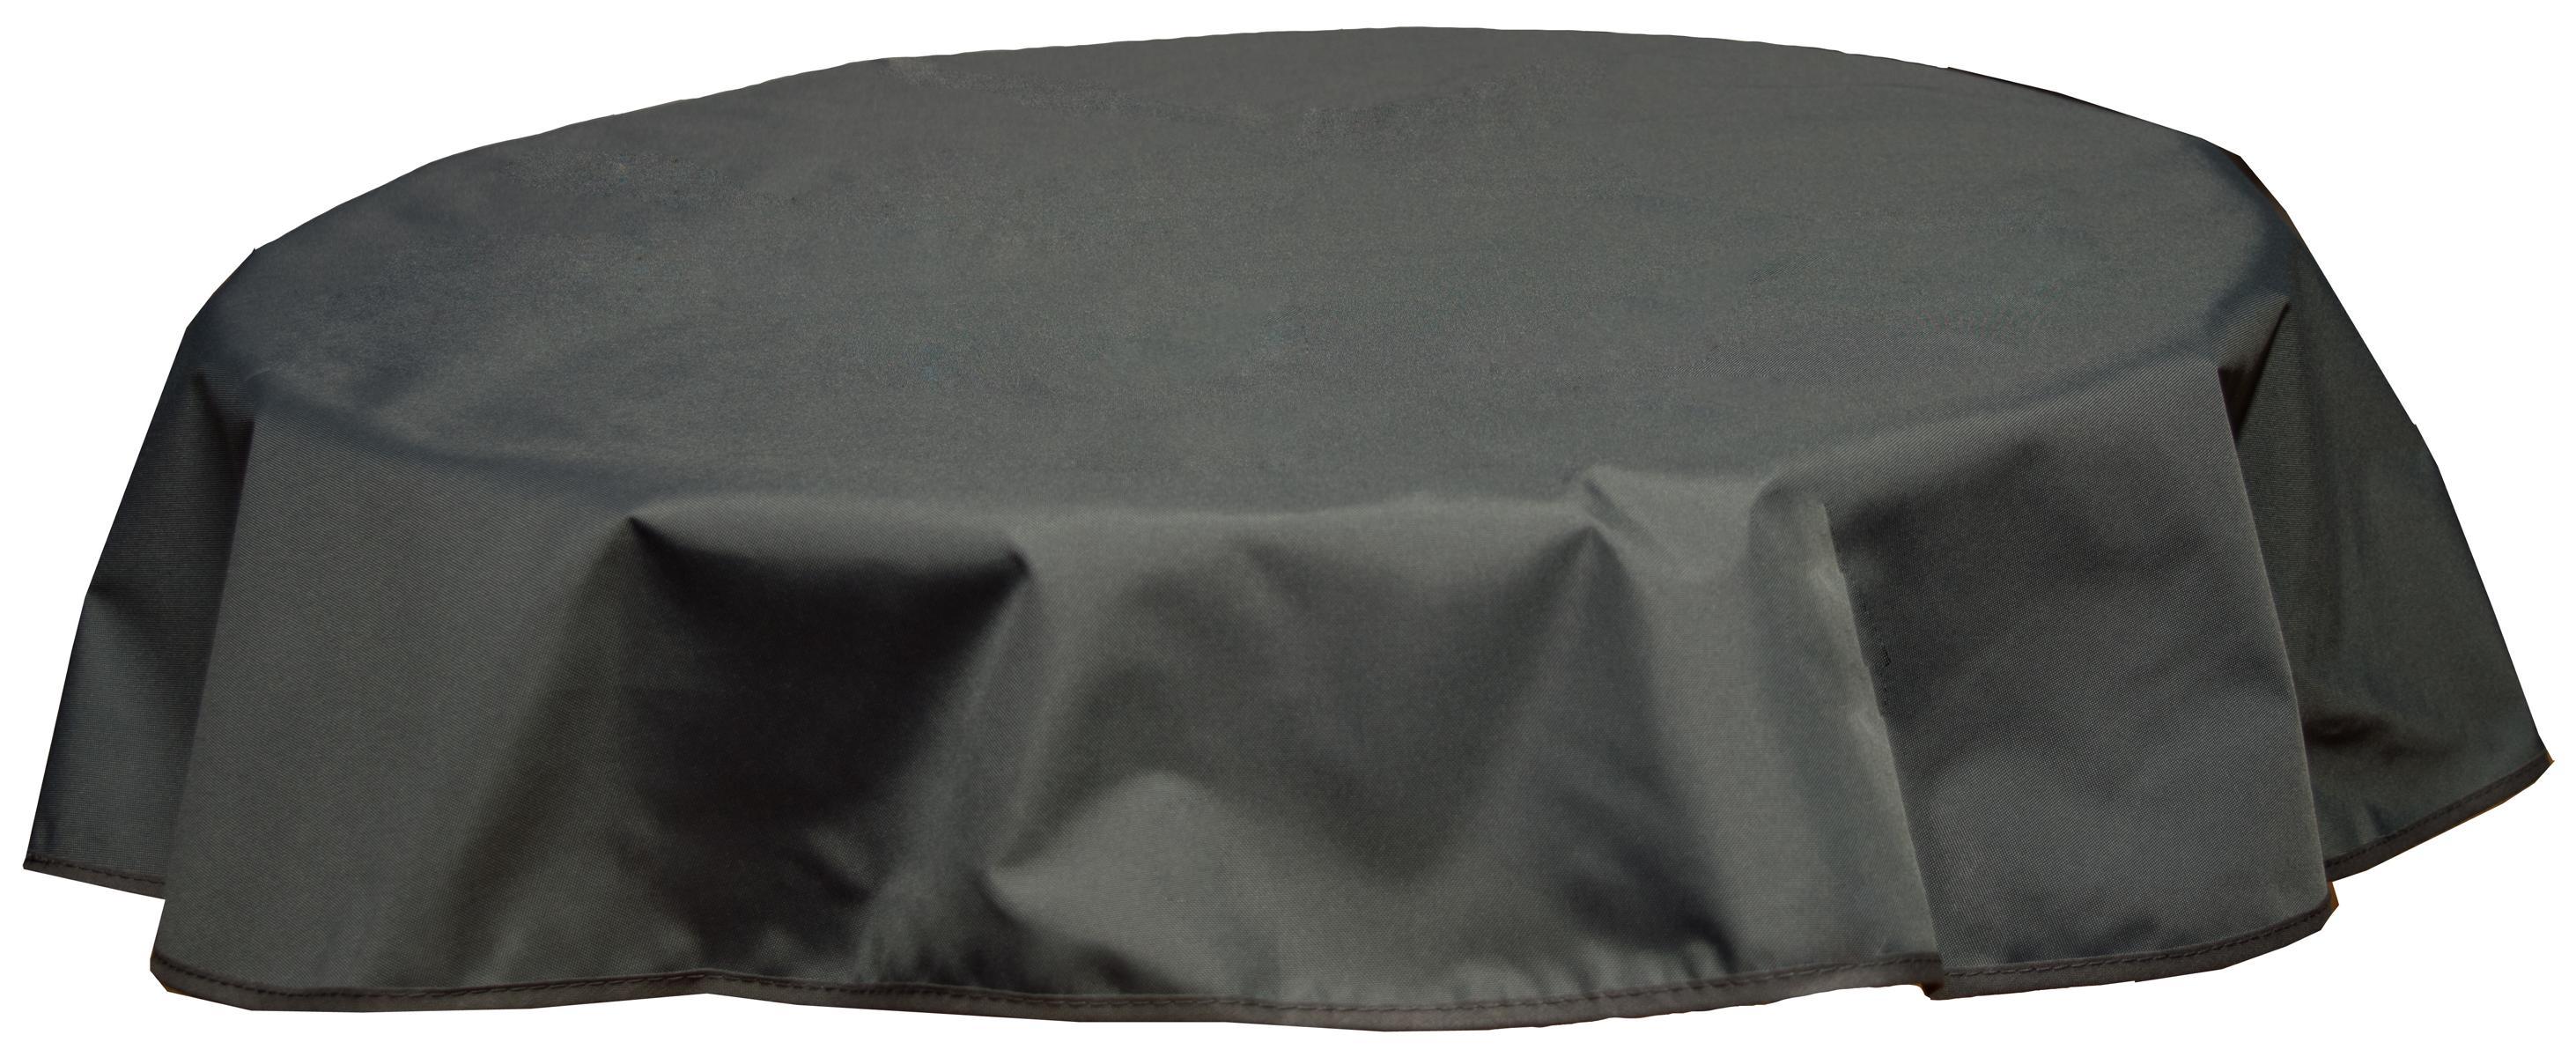 Runde Tischdecke 120cm wasserabweisend 100% Polyester in anthrazit